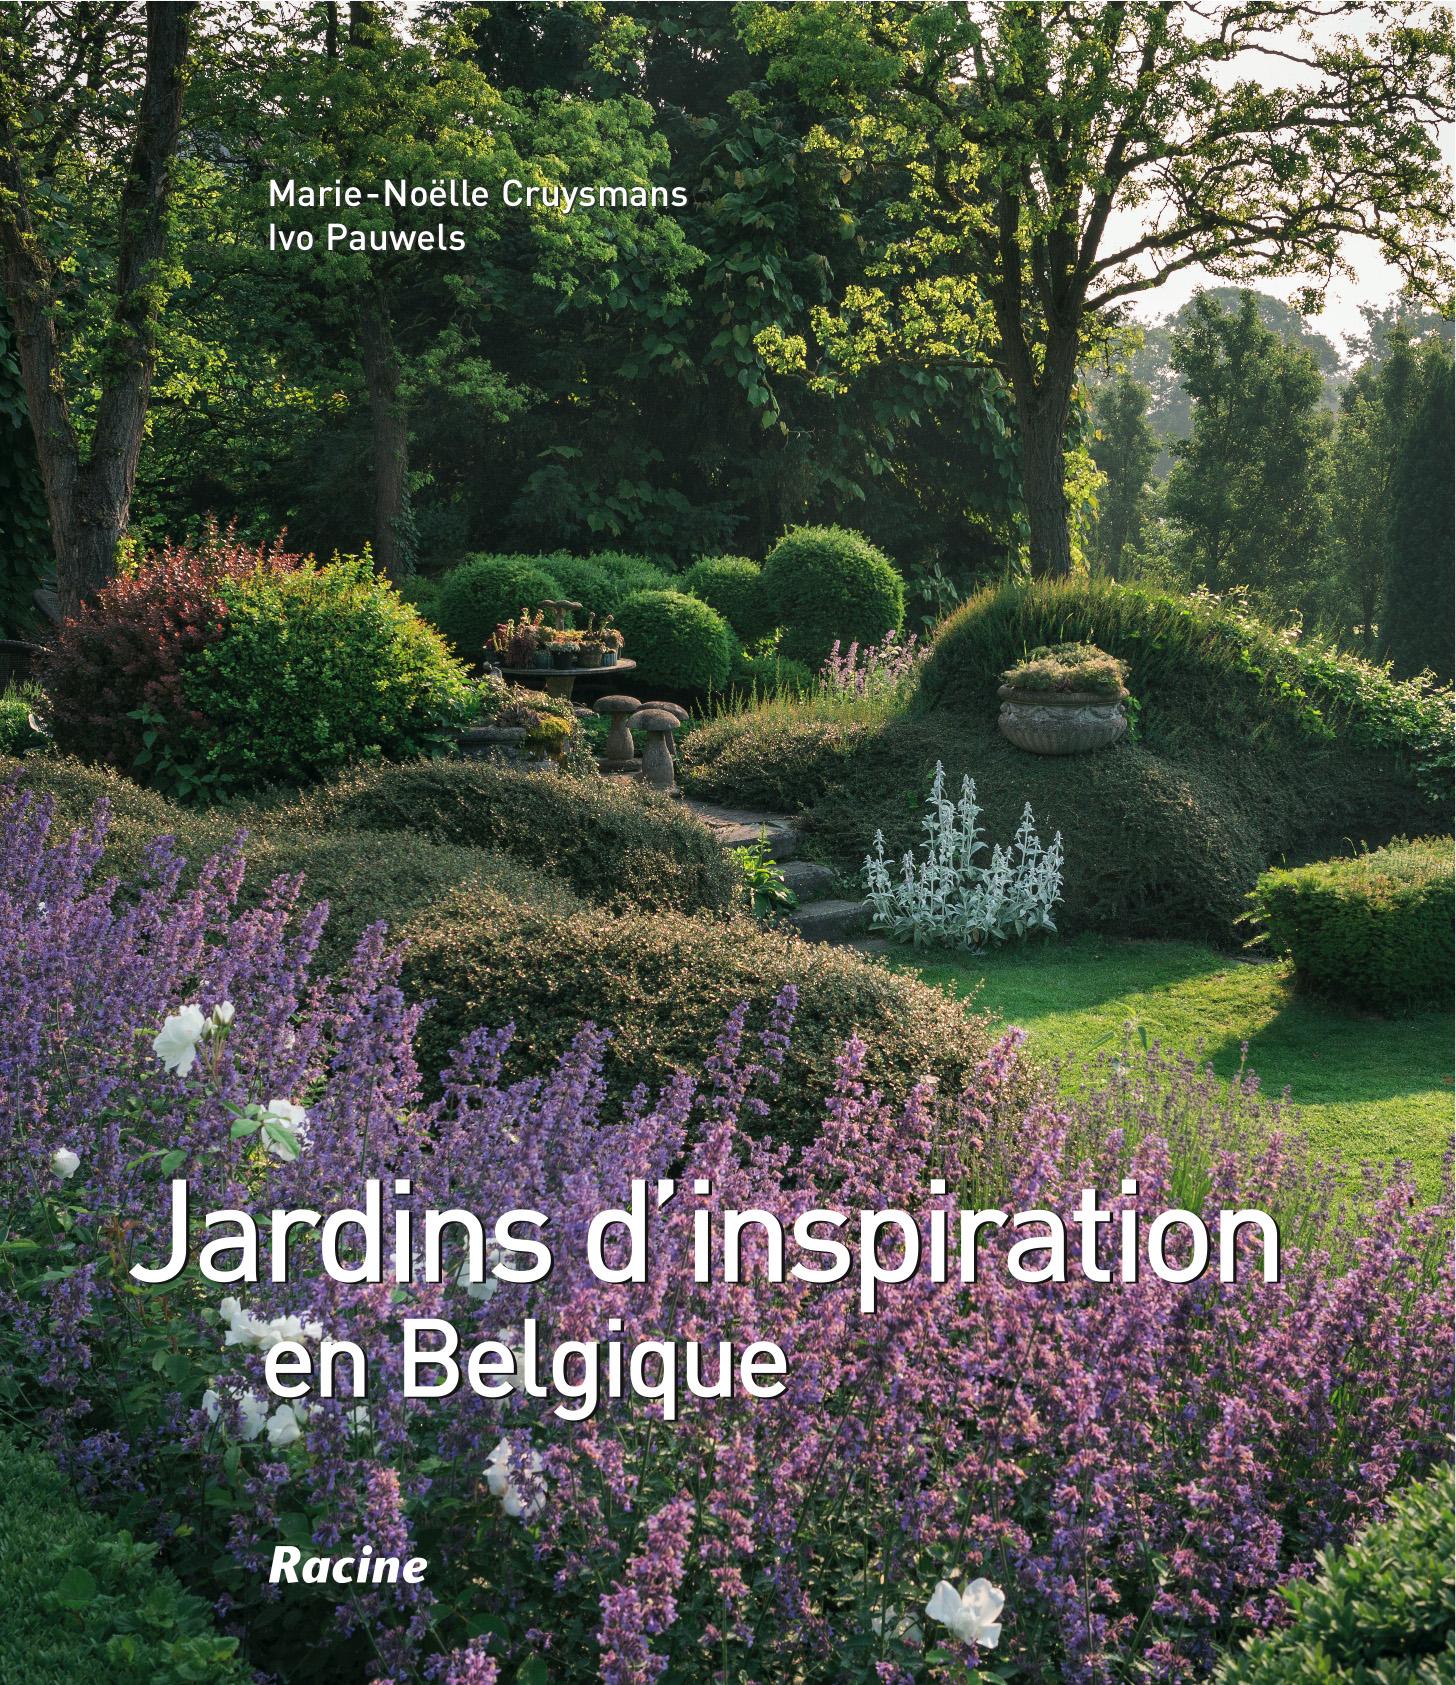 Jardins d 39 inspiration en belgique ditions racine for Jardin belgique